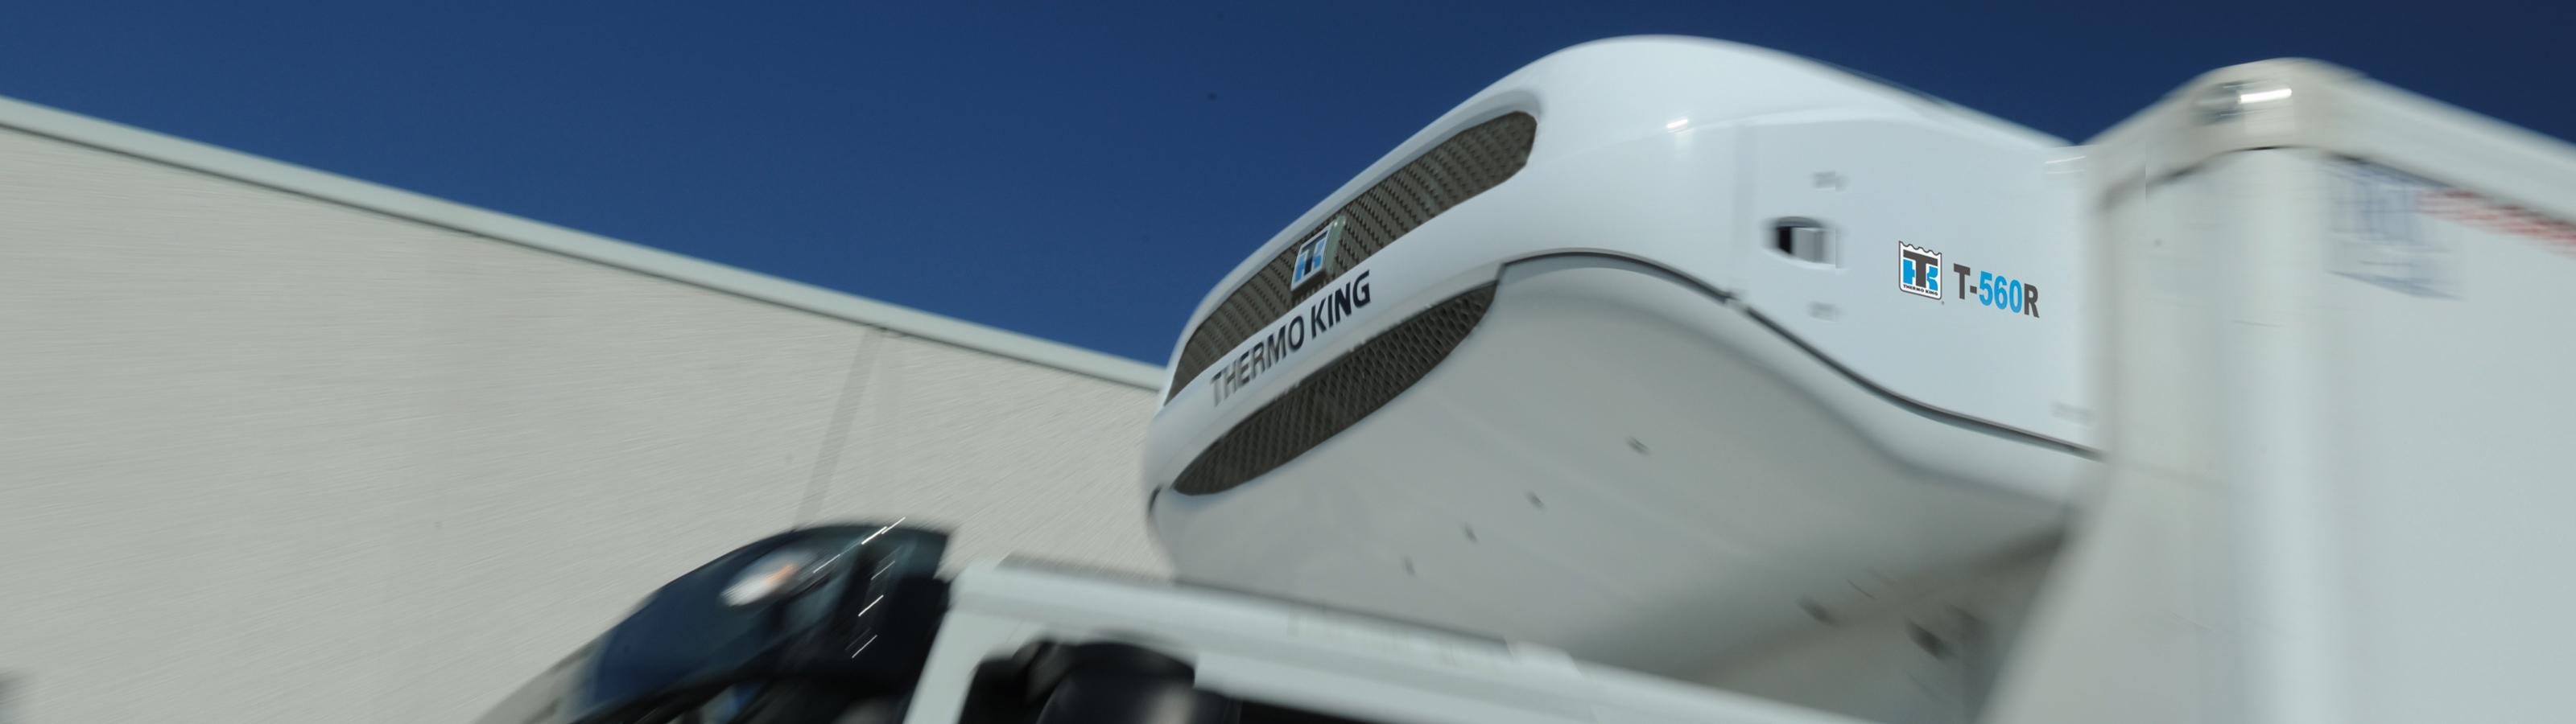 Klimatizace na nakladním vozidel